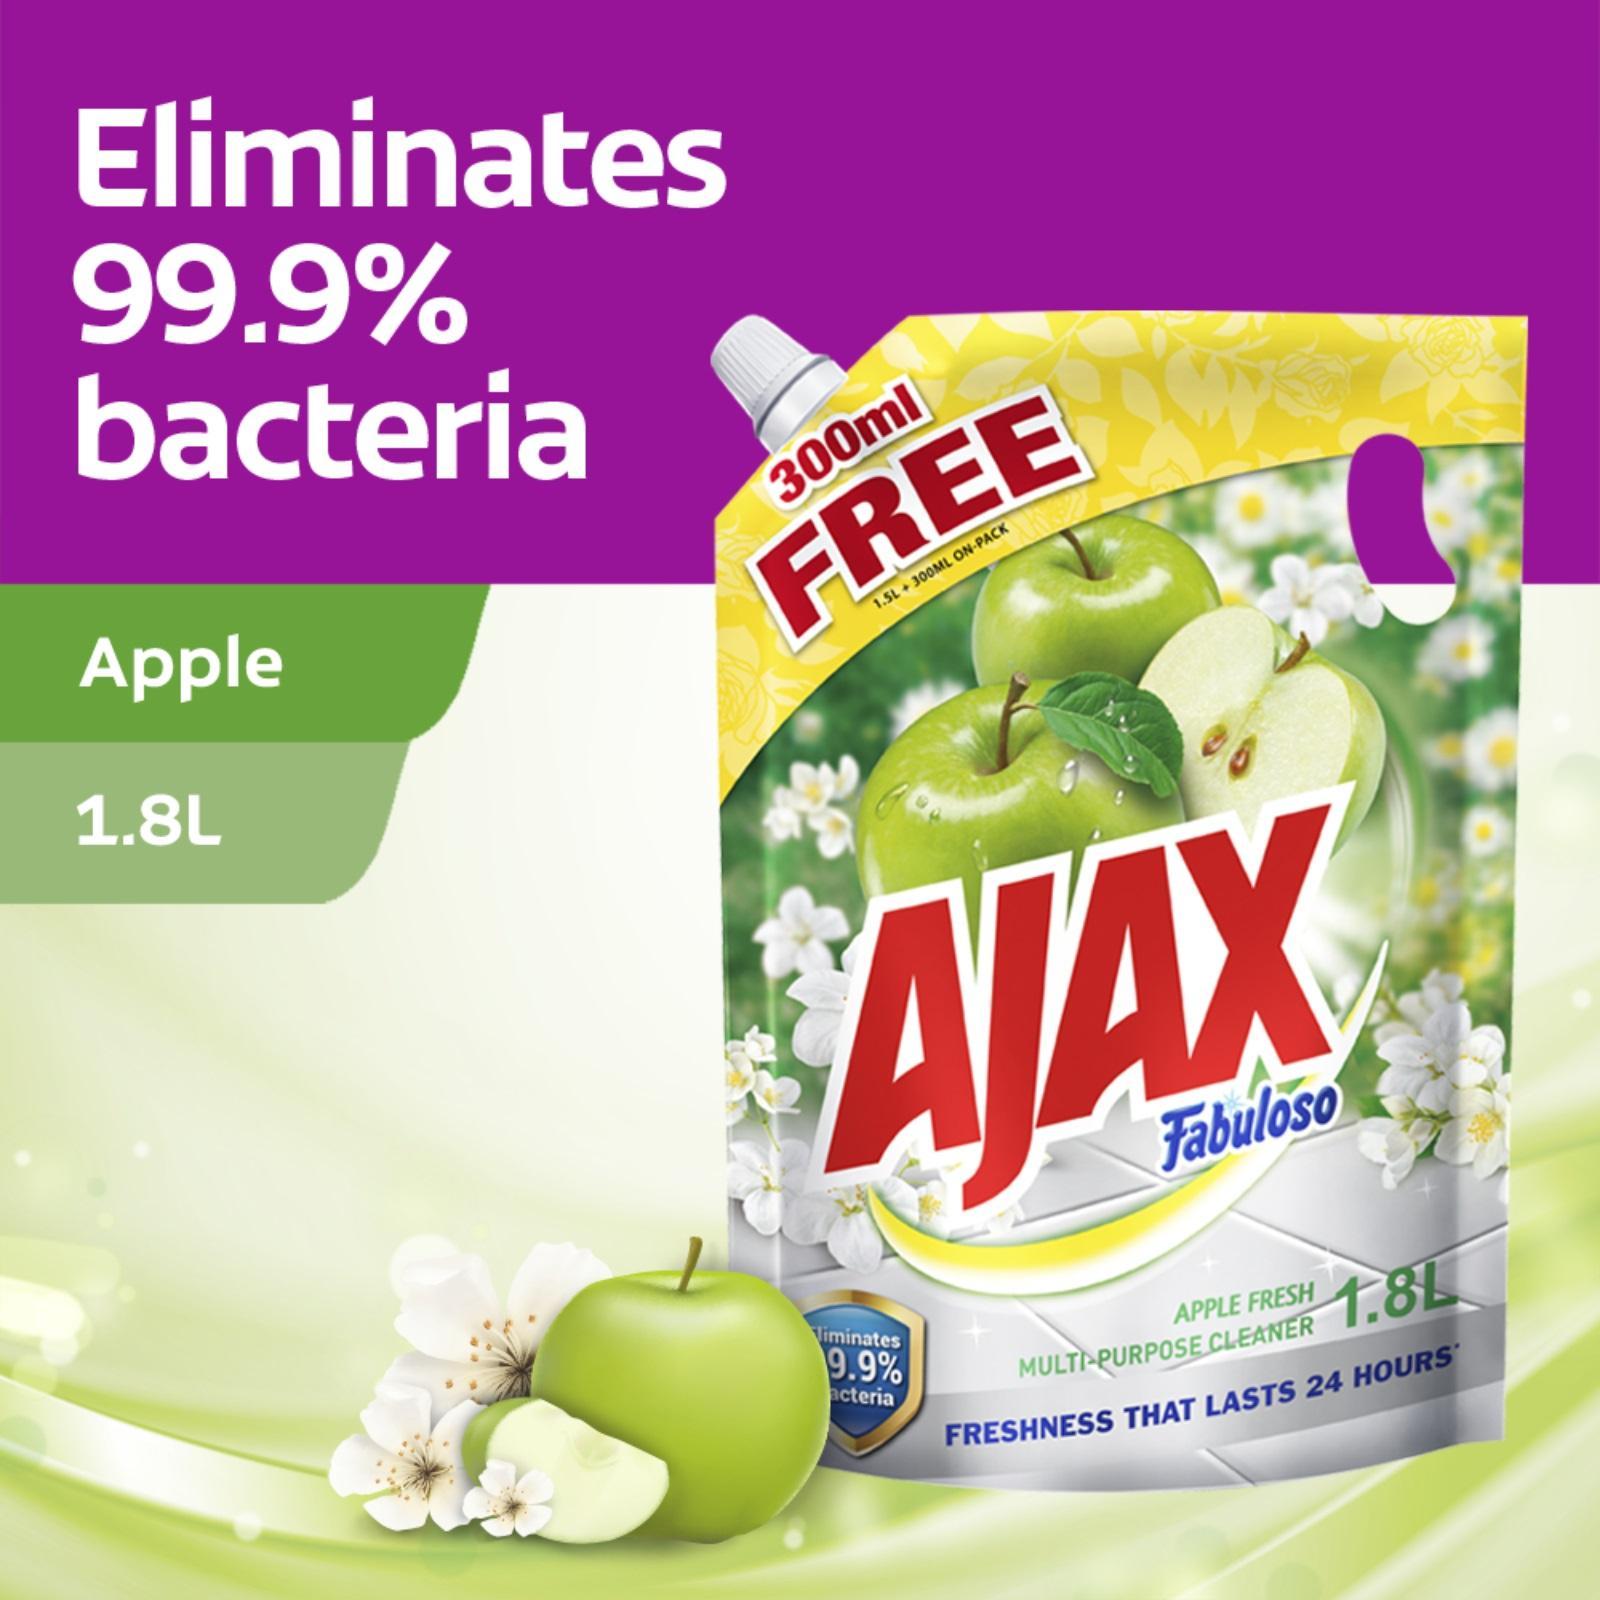 Ajax Fabuloso Apple Multi Purpose Floor Cleaner 1.8L Refill